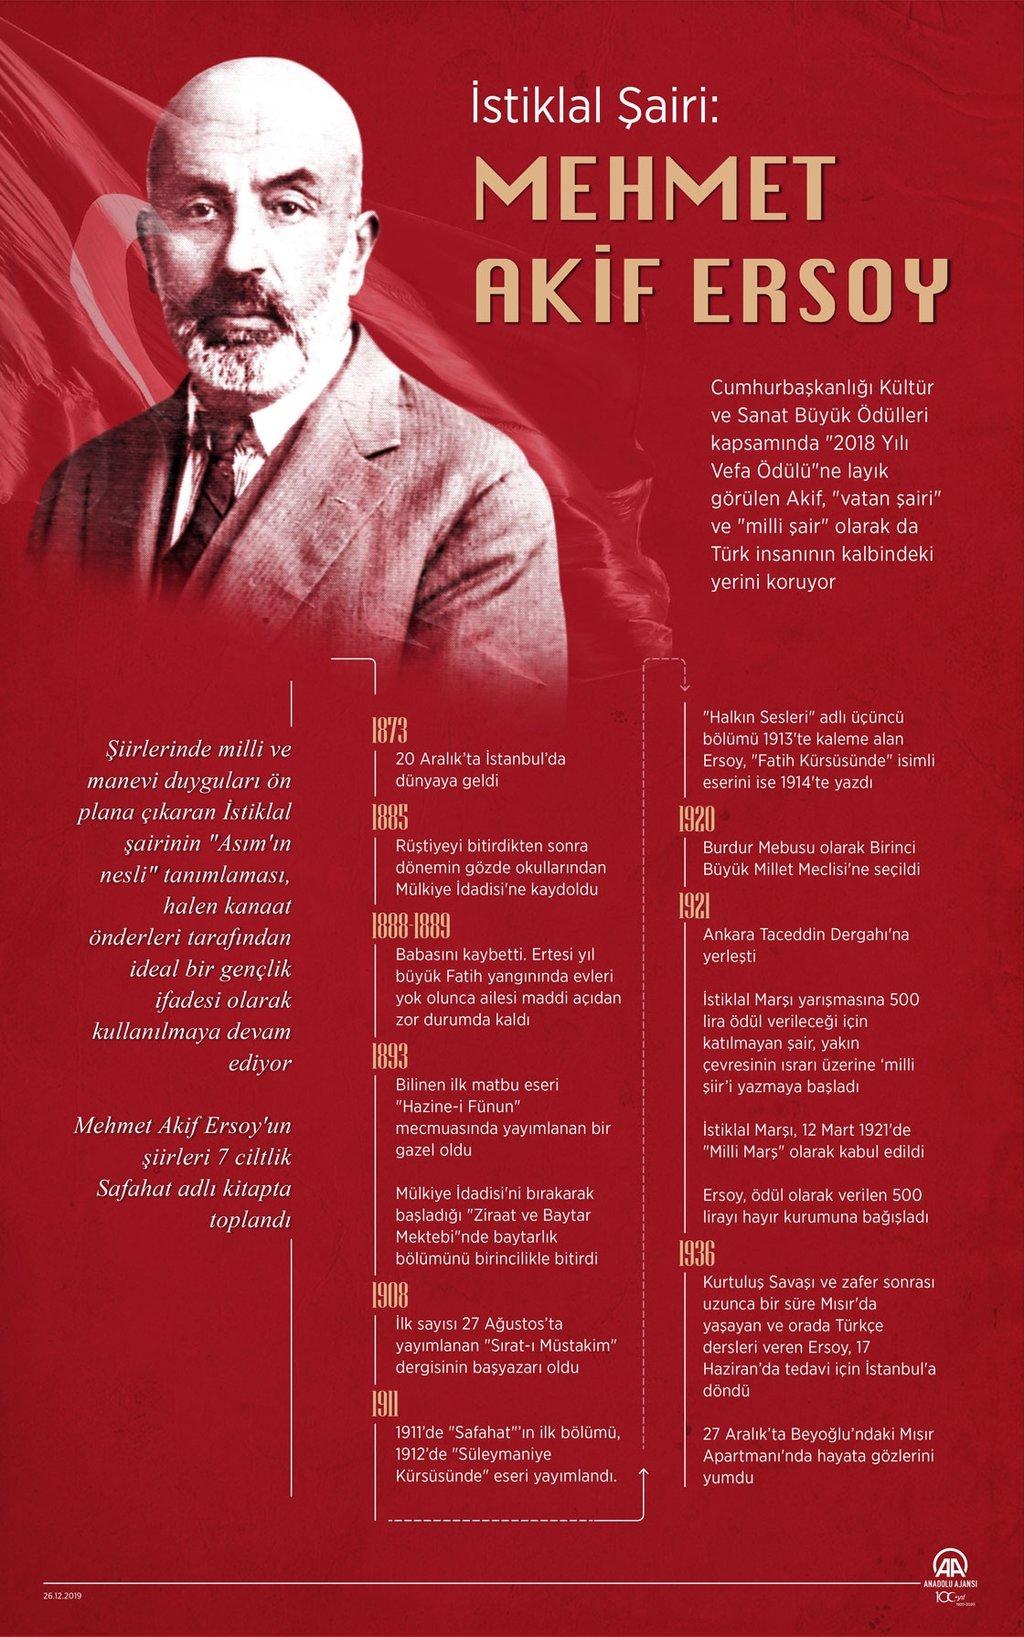 İstiklal Şairi Mehmet Akif Ersoy ölüm yıl dönümünde anılıyor